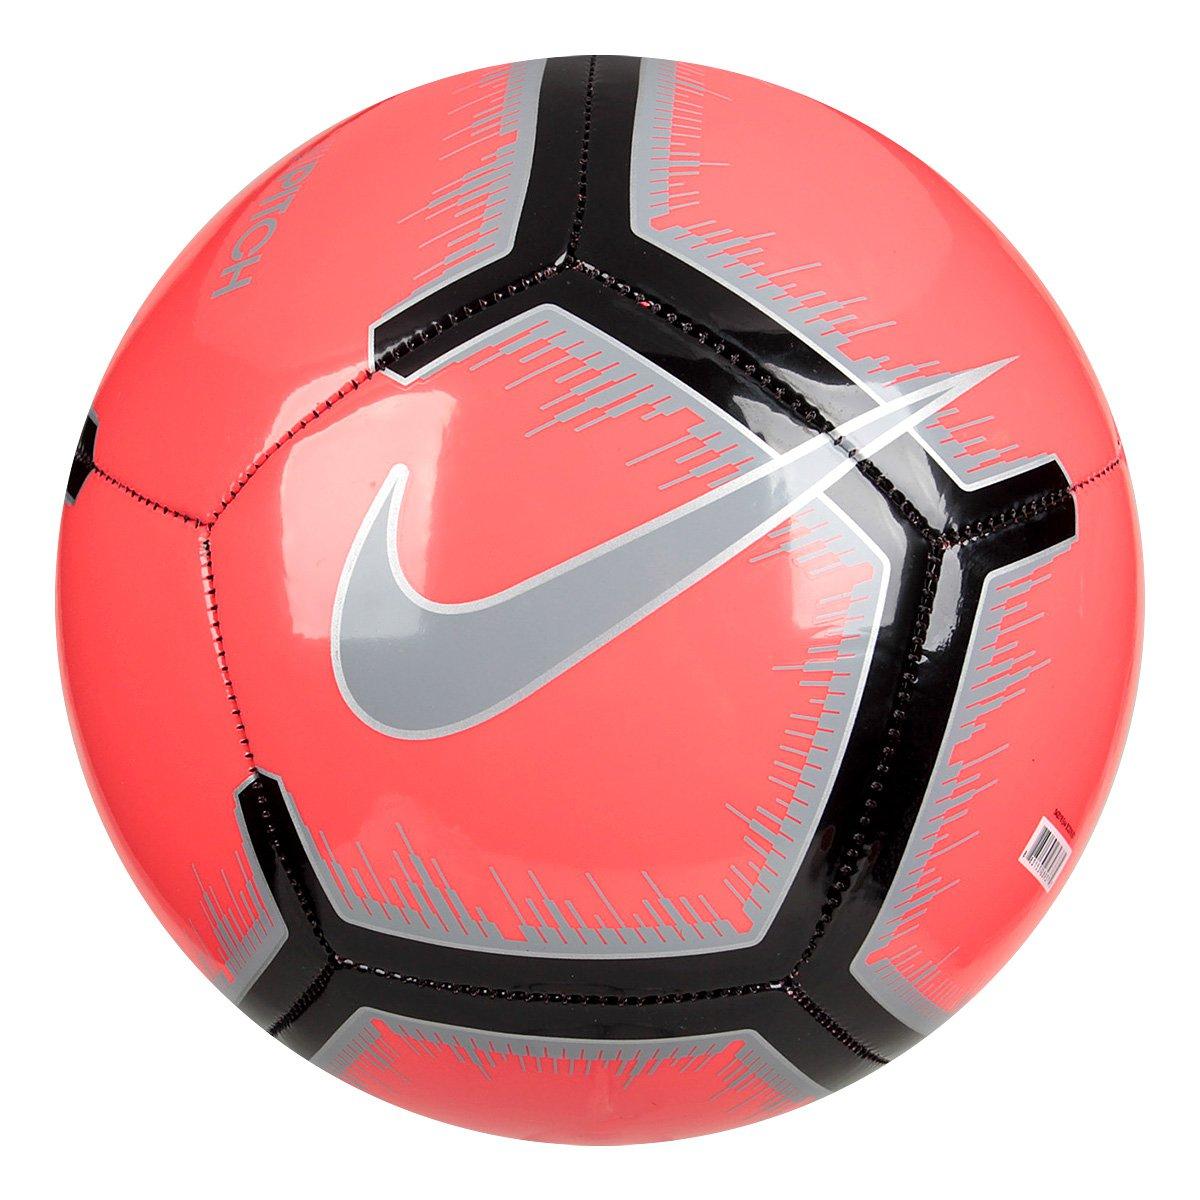 bb2feaaf1ebf1 Bola de Futebol Campo Pitch Nike - Vermelho - Compre Agora